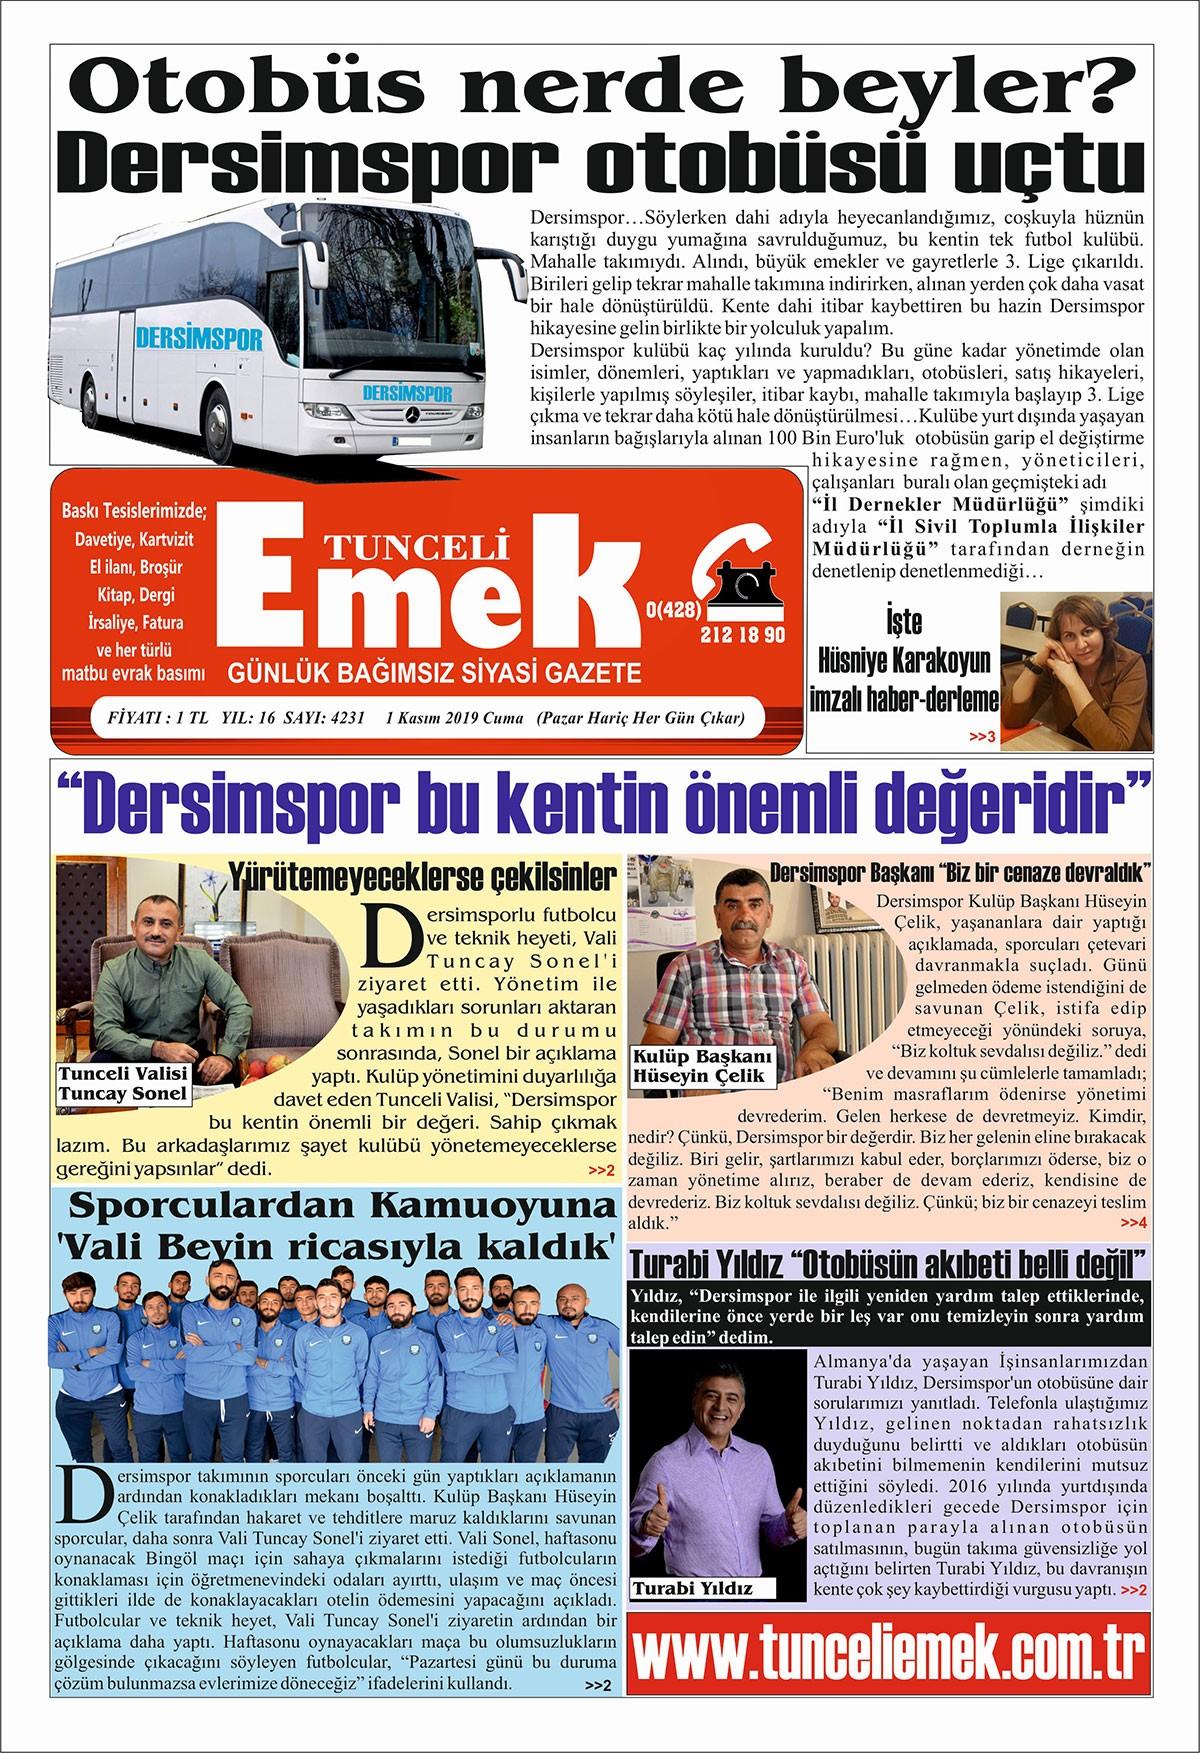 Tunceli Emek gazetesi nüshası